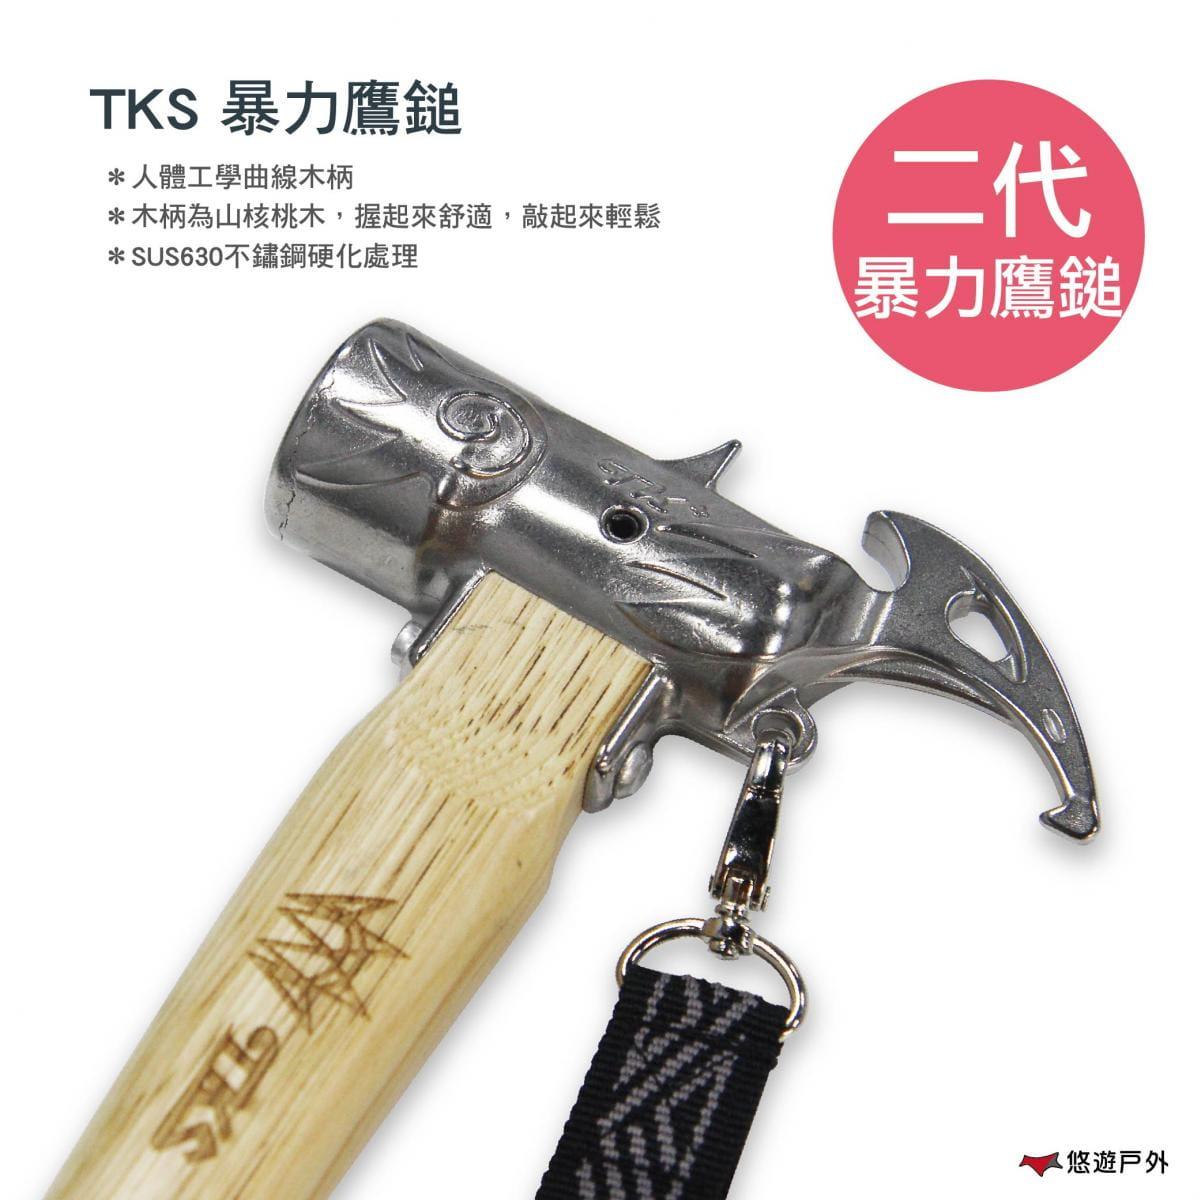 【悠遊戶外】 TK 二代暴力鷹鎚 拔釘器鐵鎚營槌 630 現貨速發 0